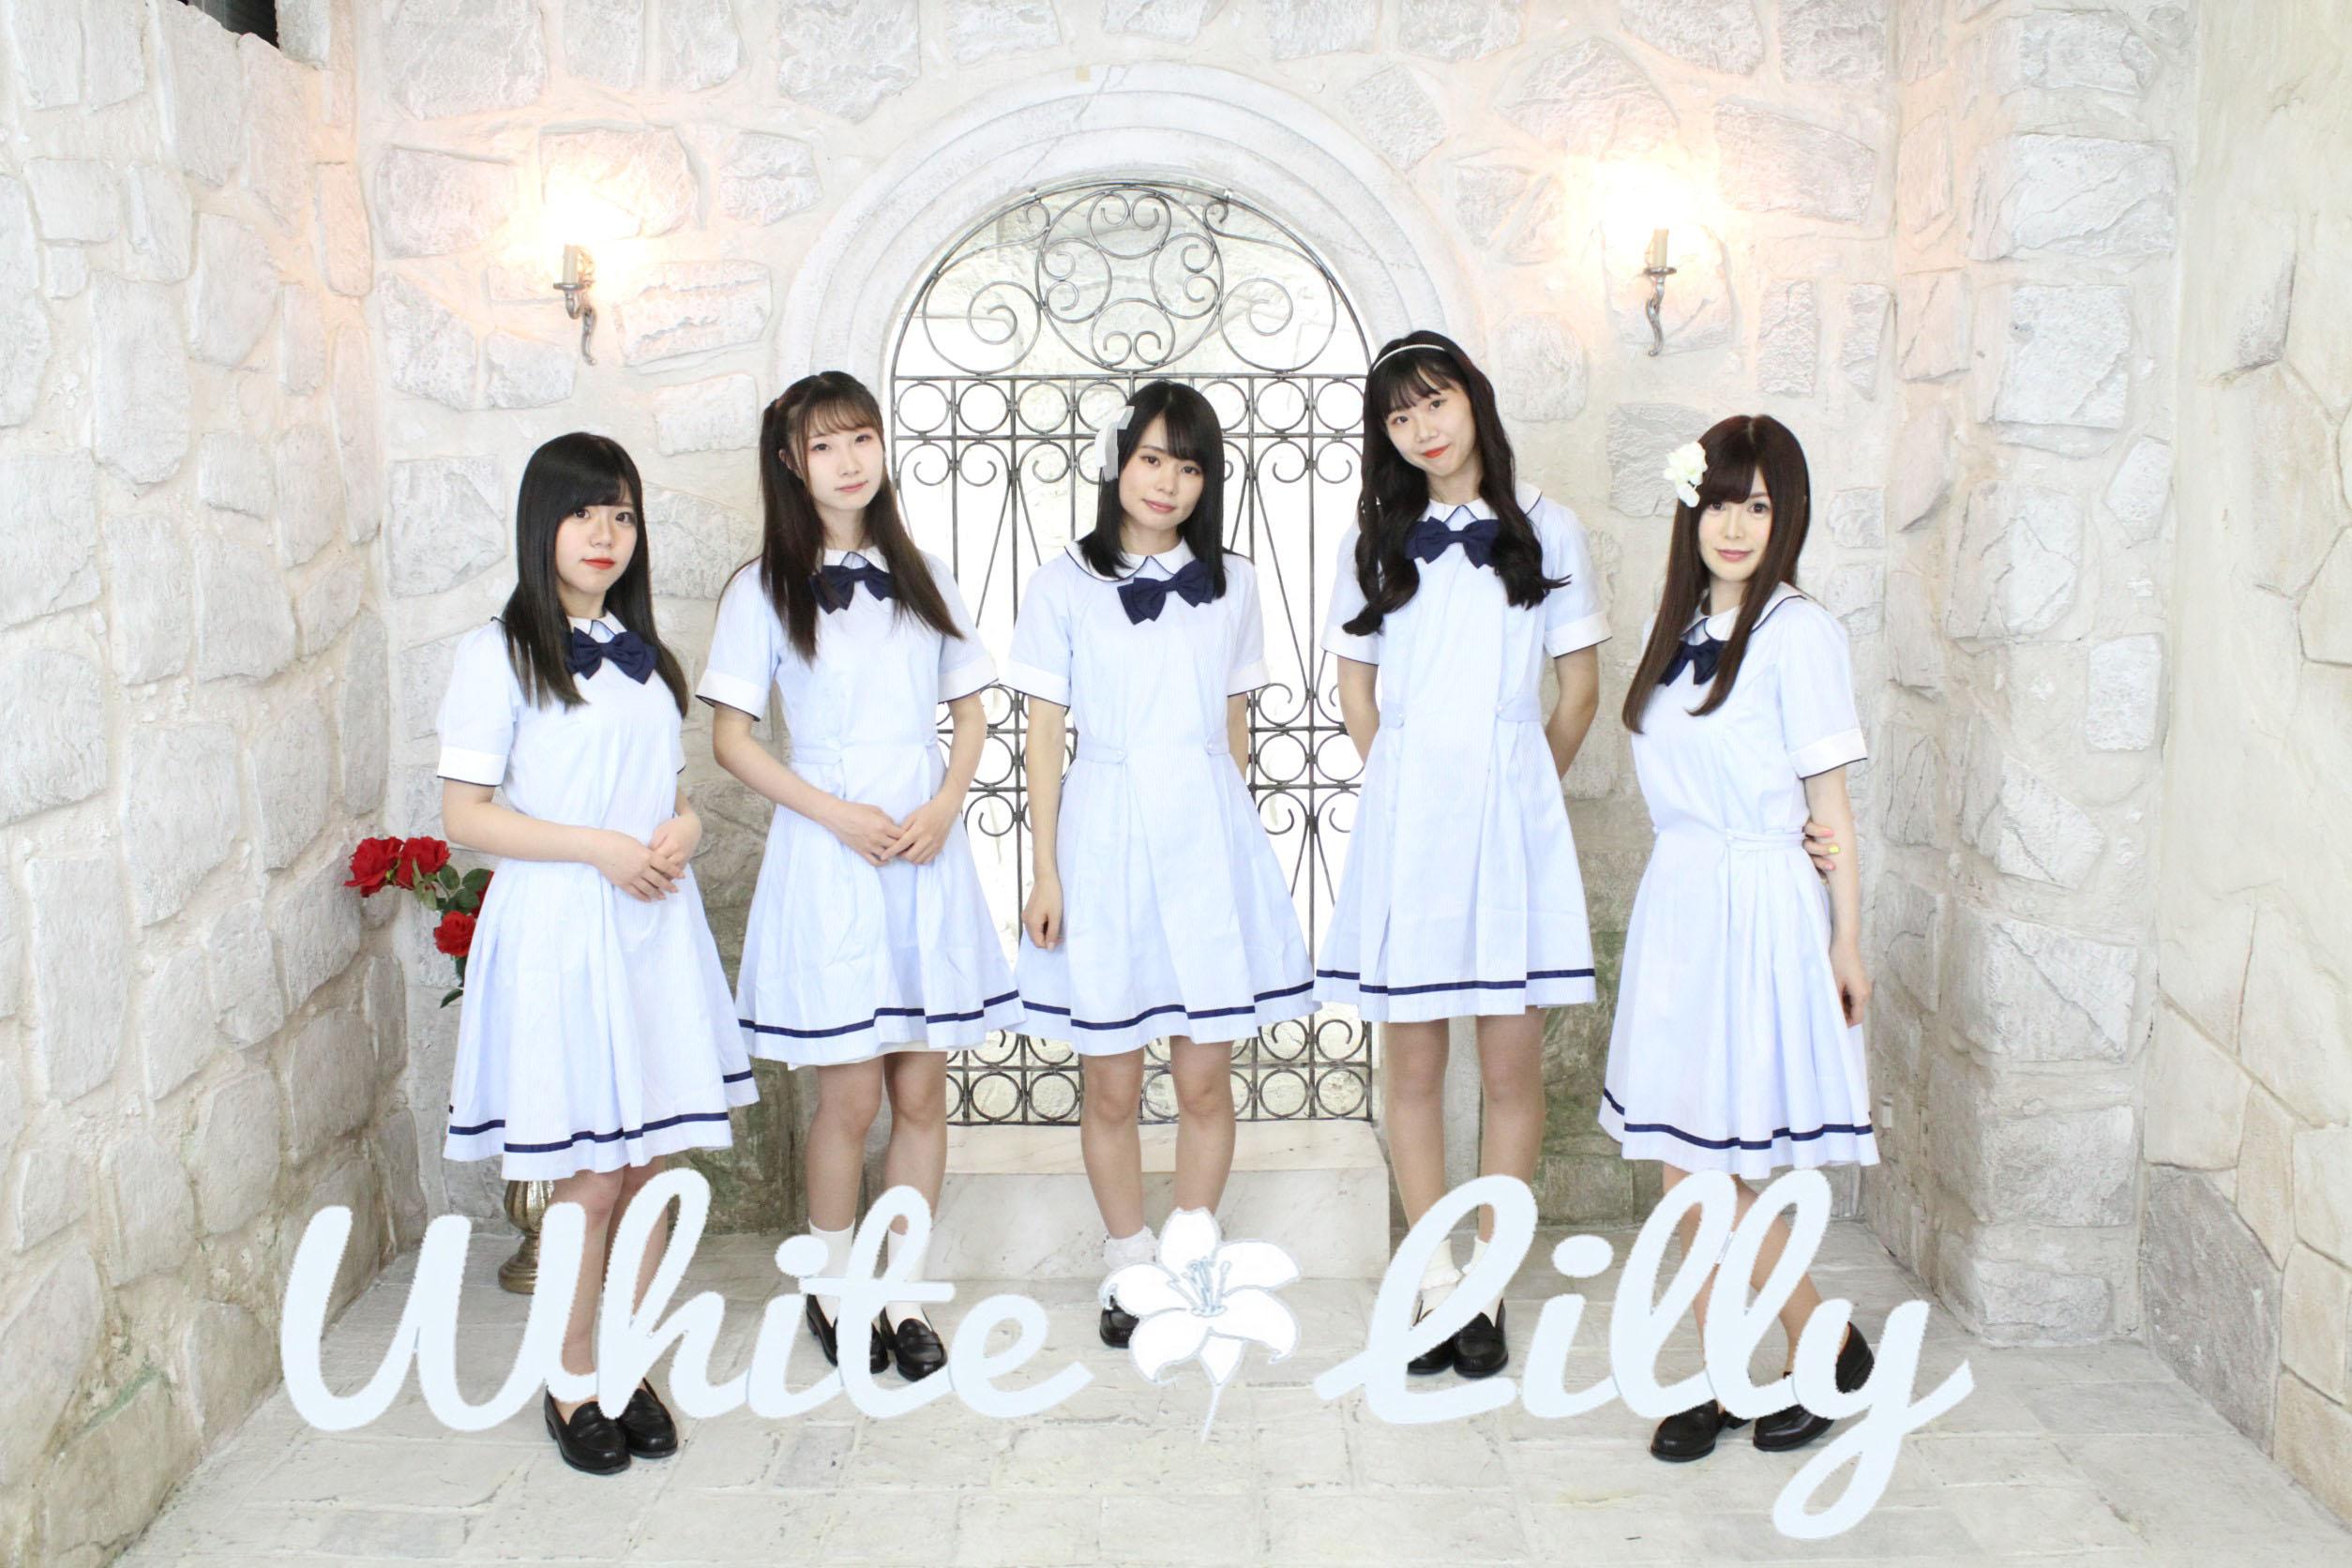 オーディション 清楚系アイドルユニット「White Lilly」新メンバー募集 主催:マークプロダクション、カテゴリ:アイドル(いやし系)